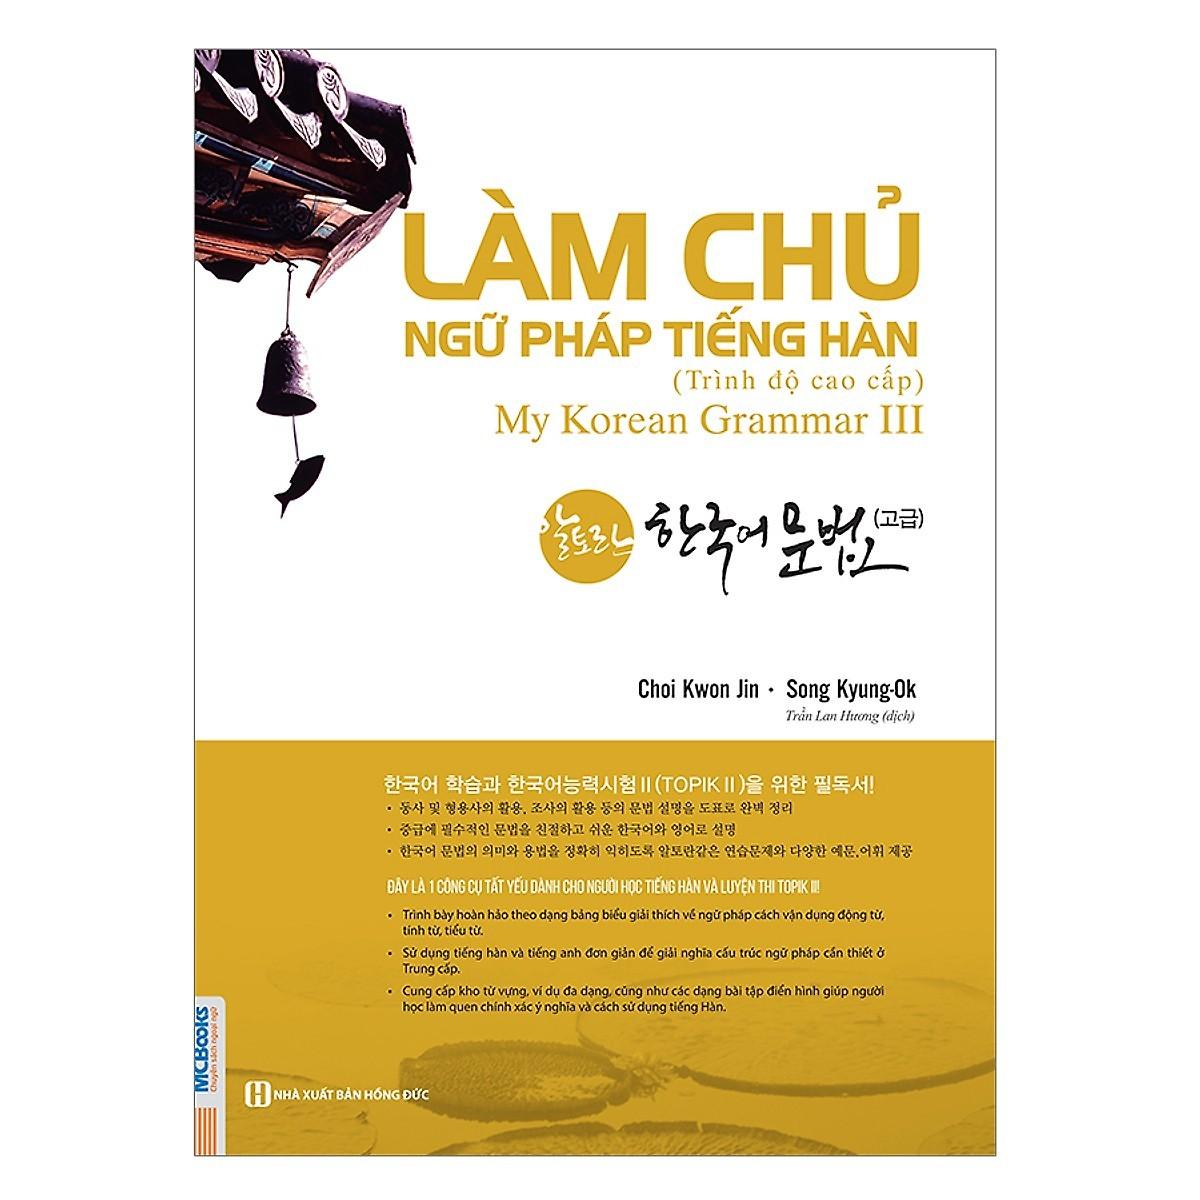 Combo 3 Cuốn Làm Chủ Ngữ Pháp Tiếng Hàn Tặng Kèm Bookmark Cảm Xúc (Tặng kèm bút chì Kingbooks)